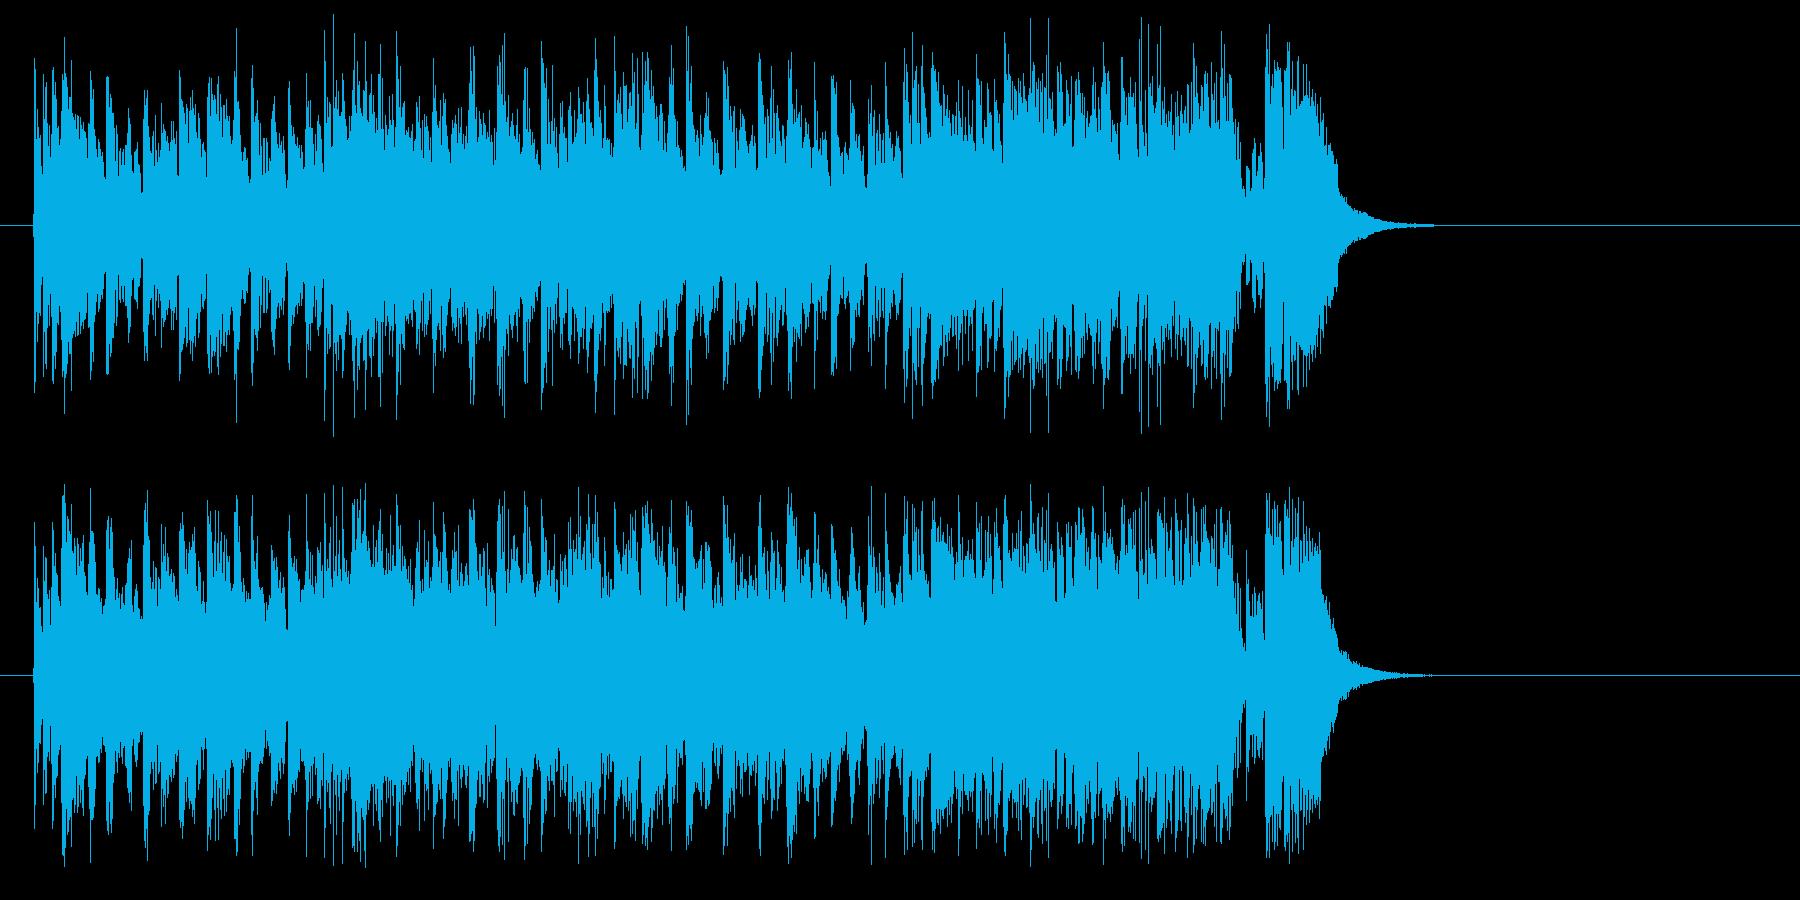 みなぎるチャレンジドラマティックサウンドの再生済みの波形